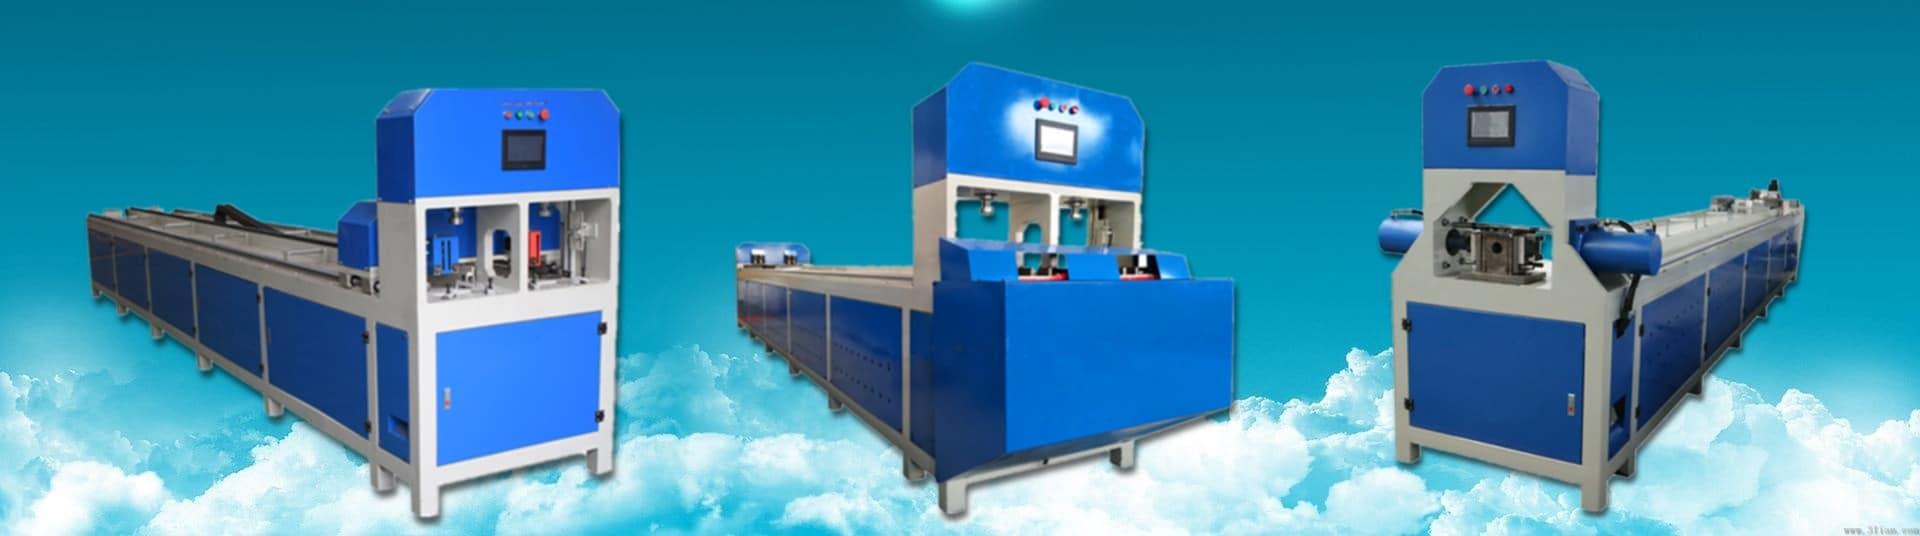 CNC Fully Automatic Punching Machine